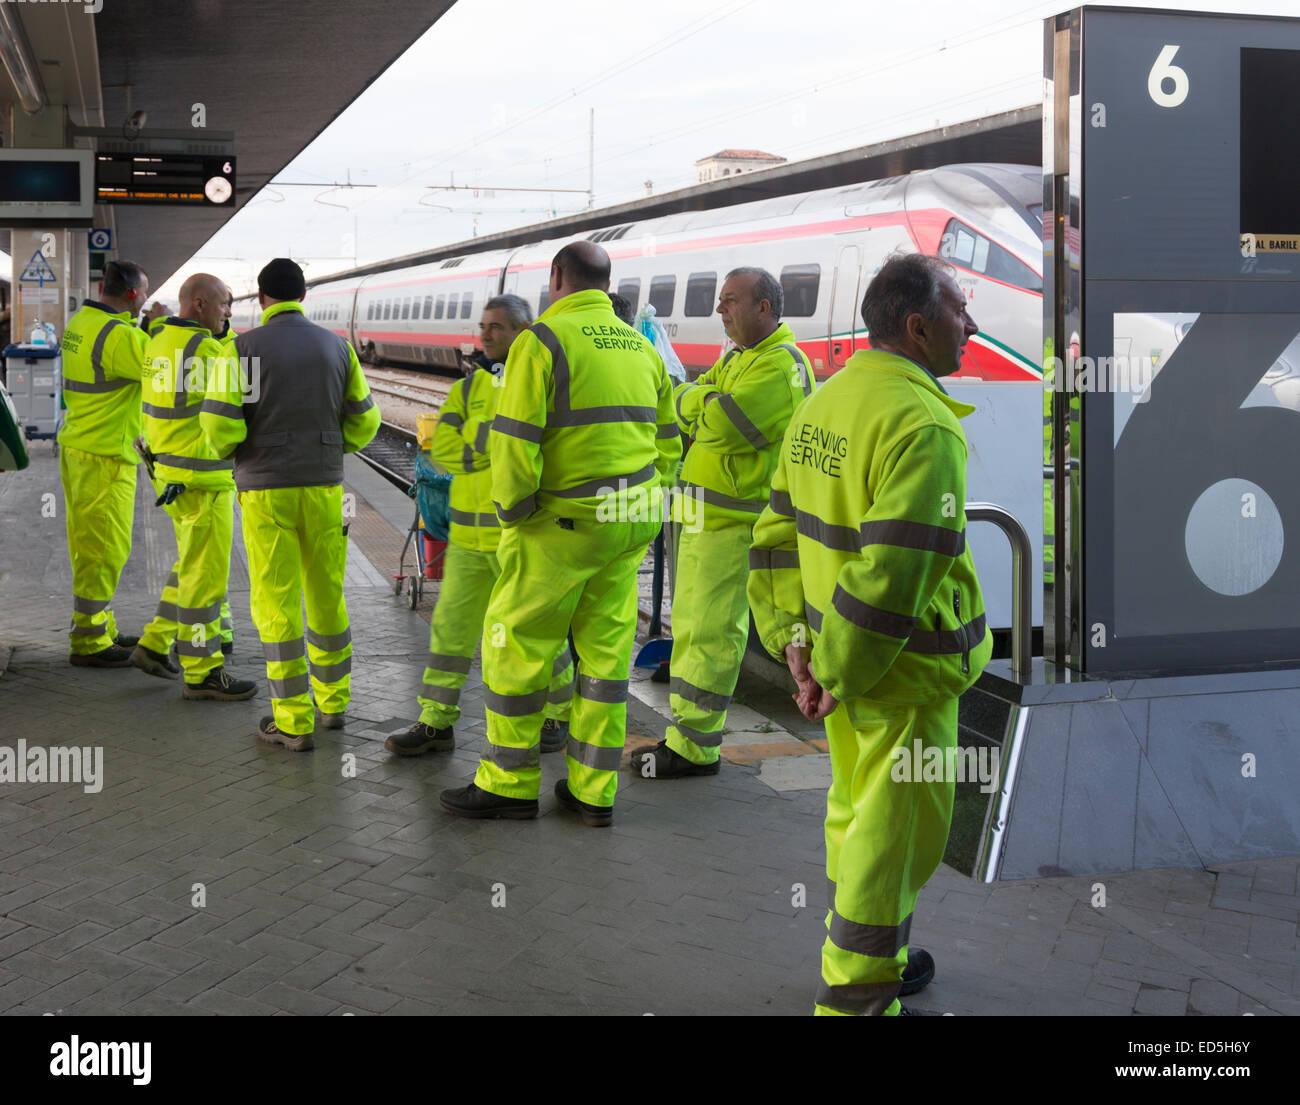 Trenitalia cleaning service crew, Santa Lucia Station, Venice, italy Stock Photo